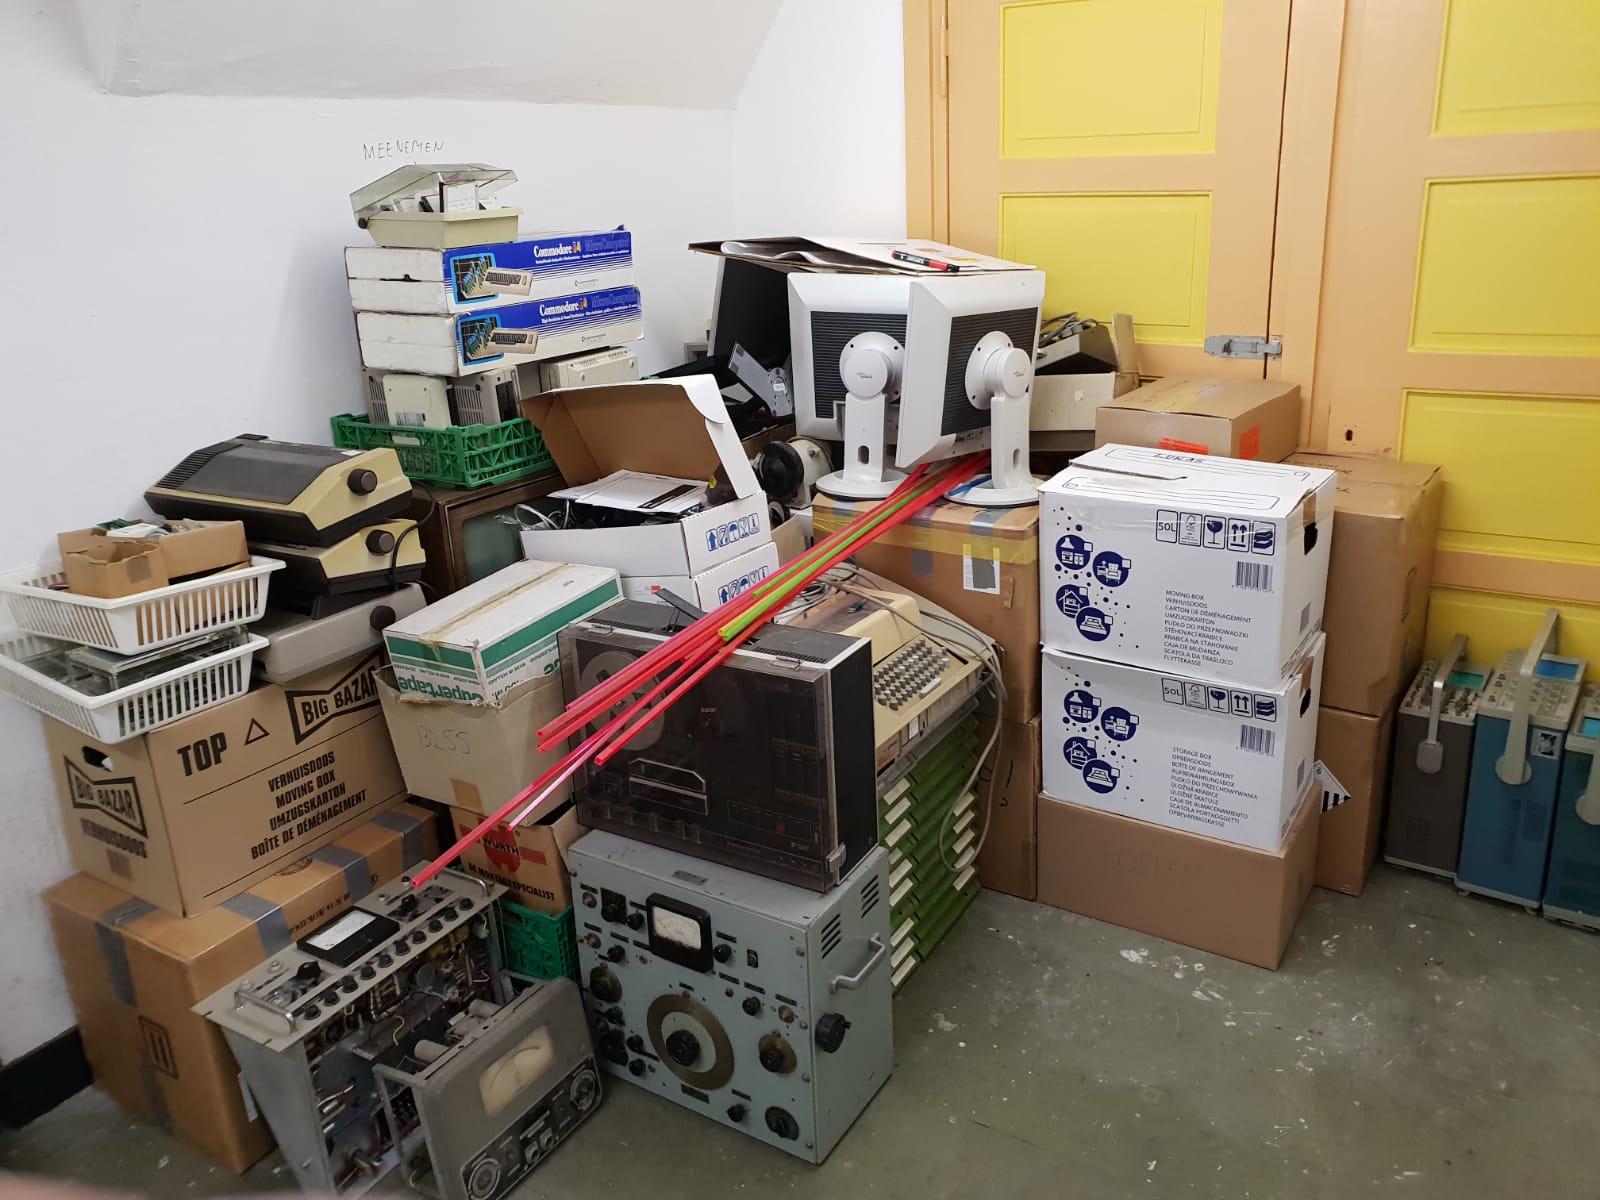 Opslag spullen die mee moeten verhuizen